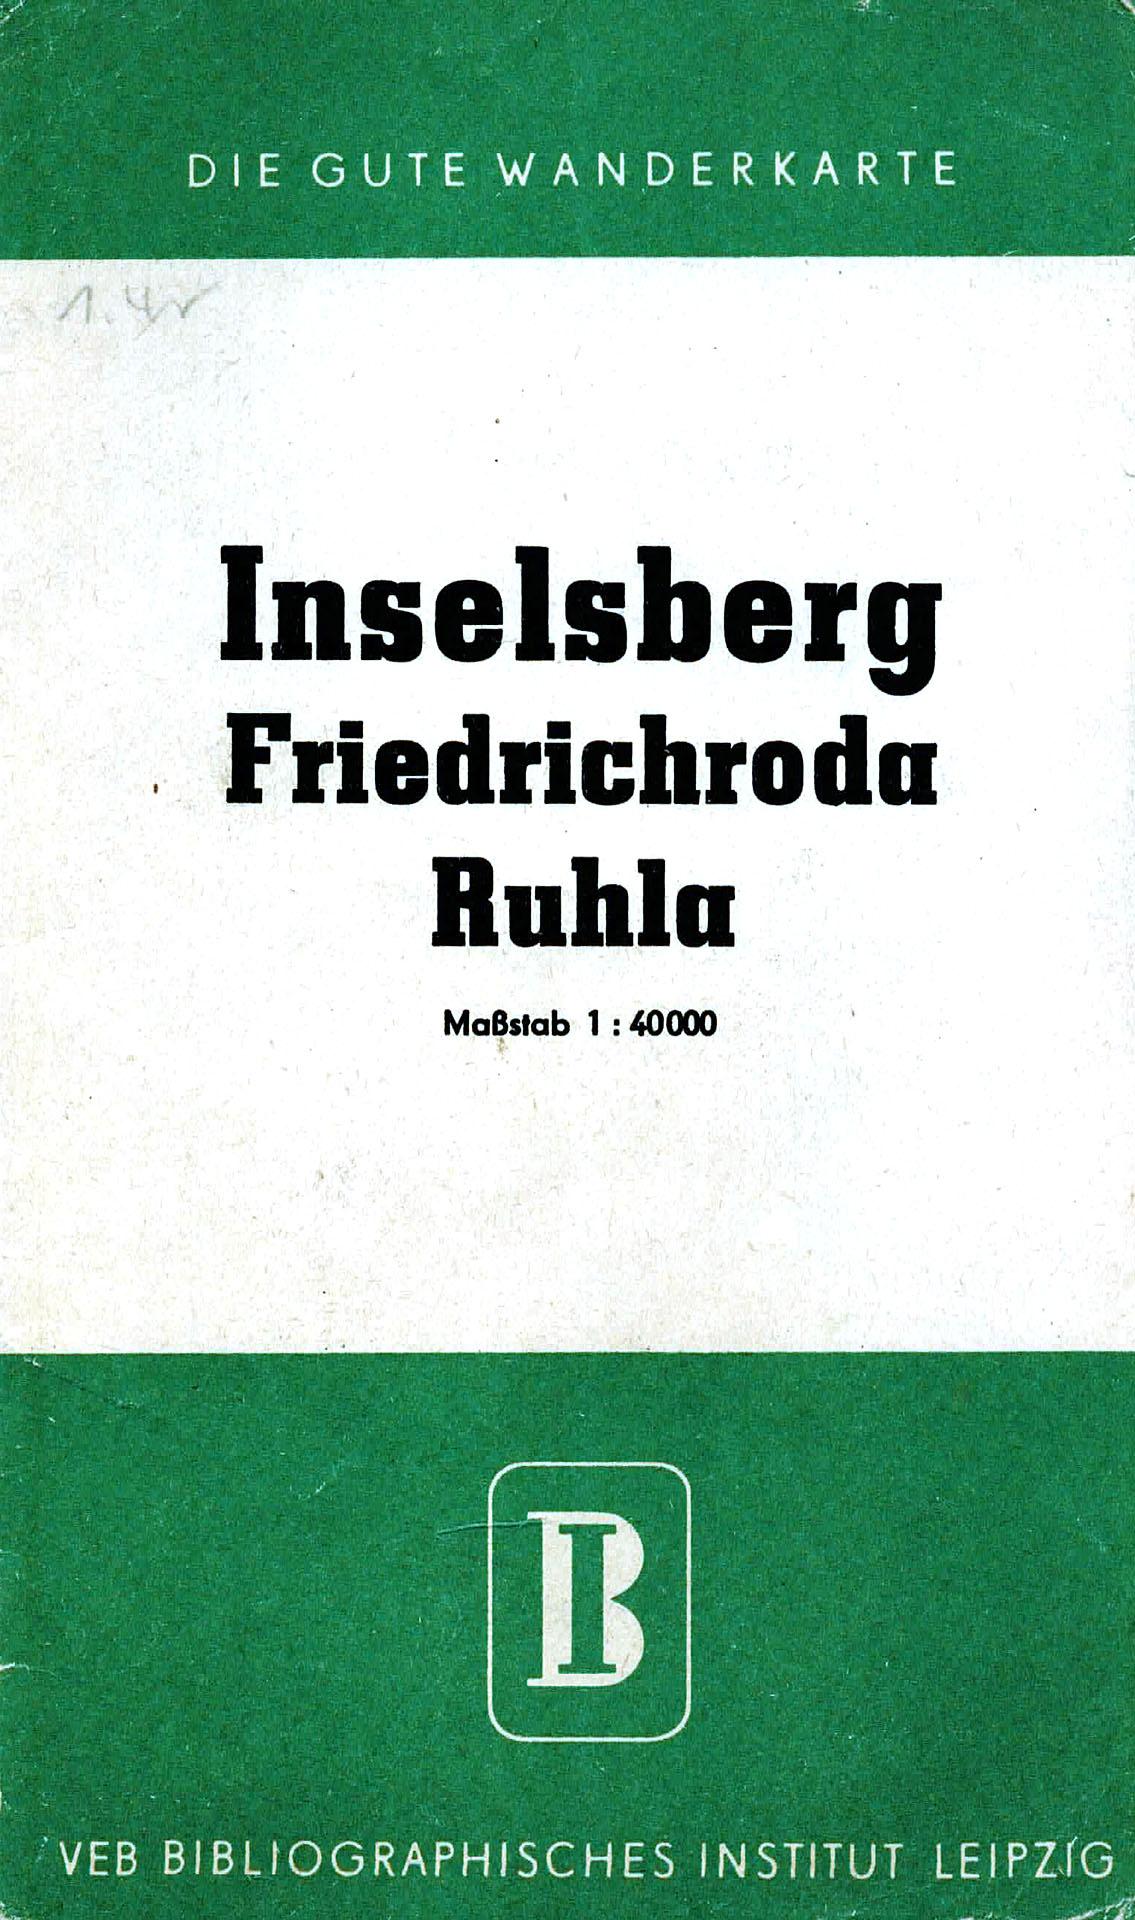 Inselsberg - Friedrichroda - Ruhla